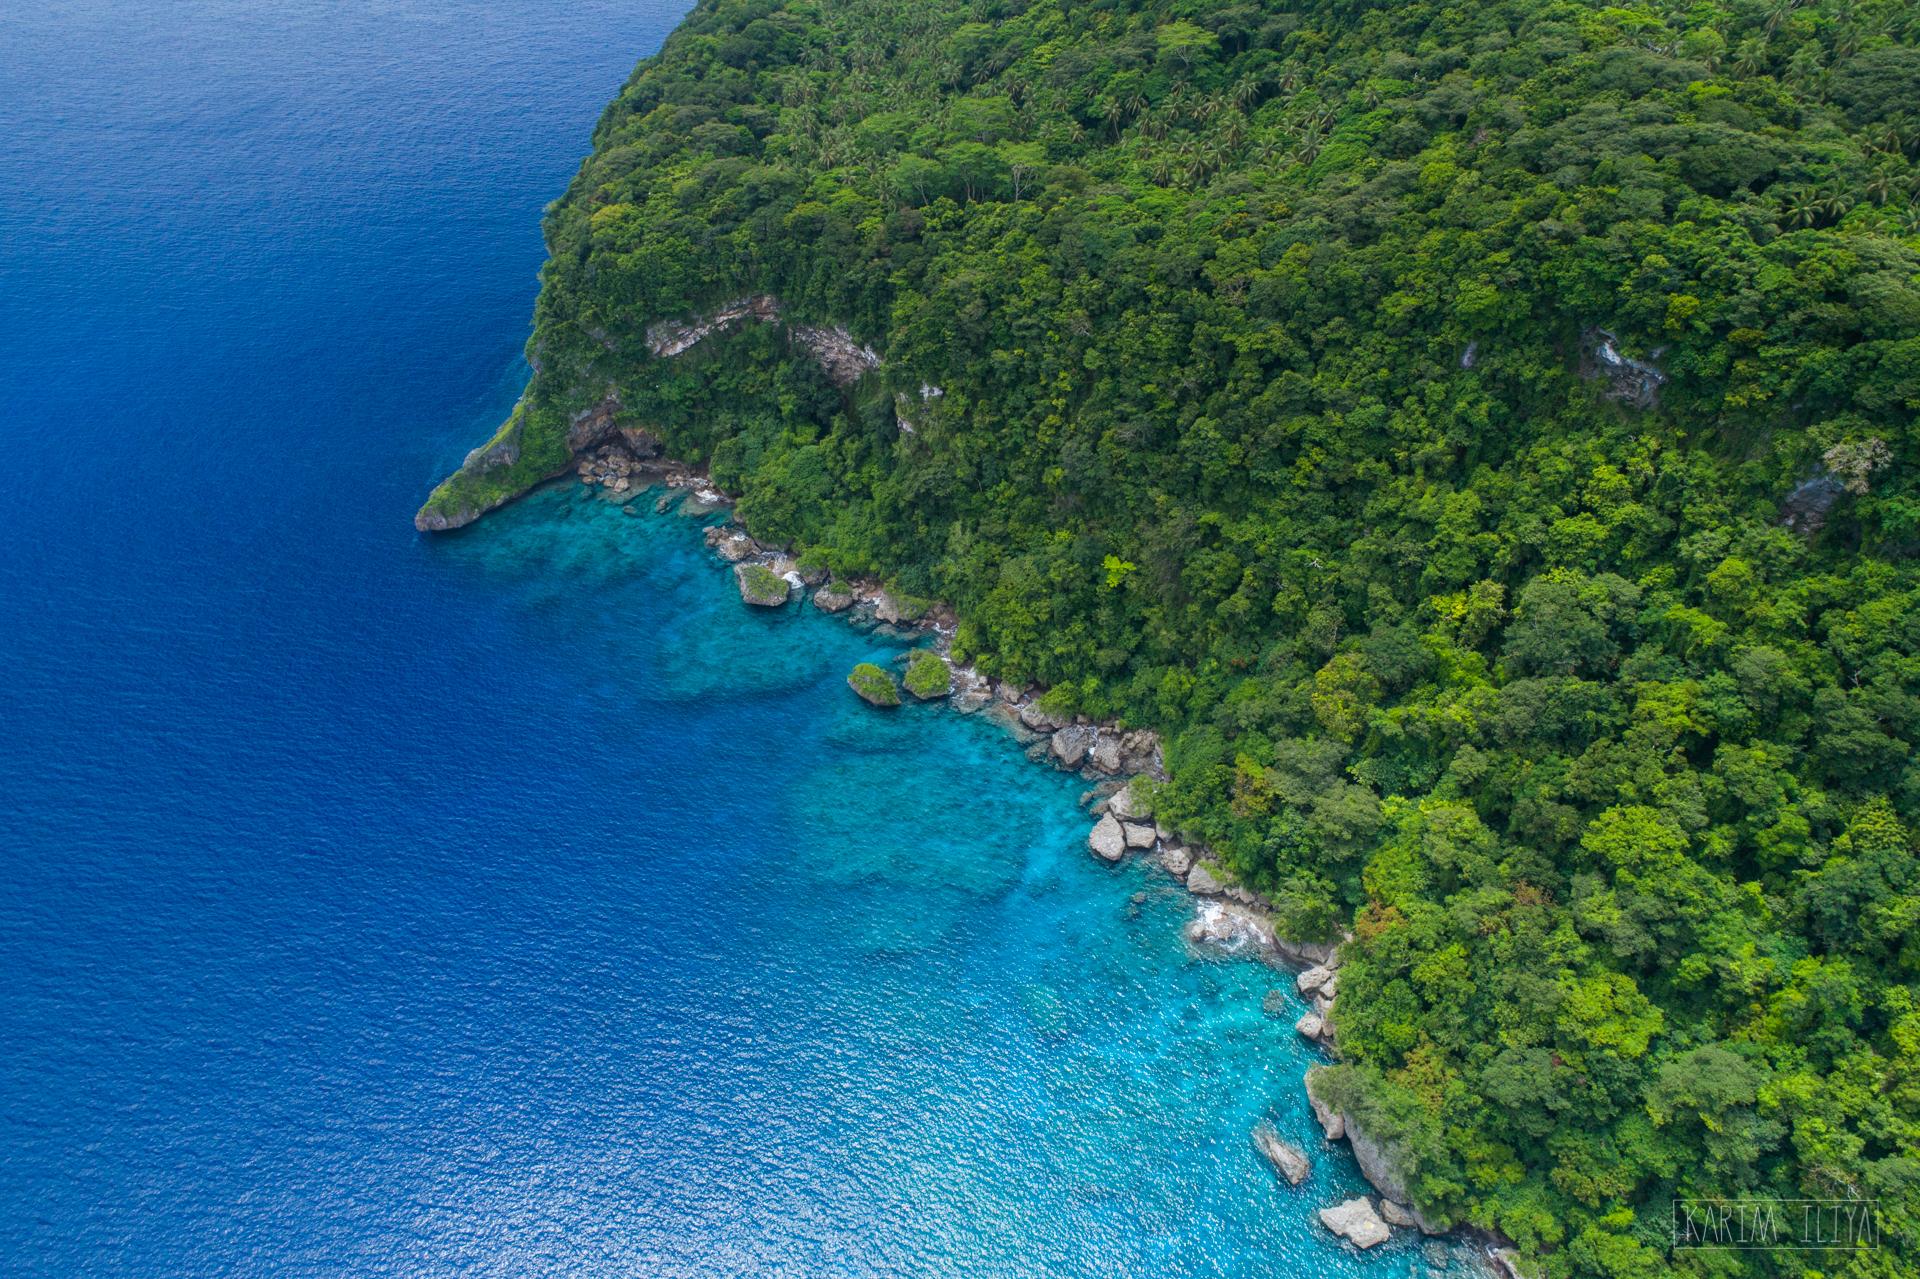 island-tropics-trees-planet-earth.jpg